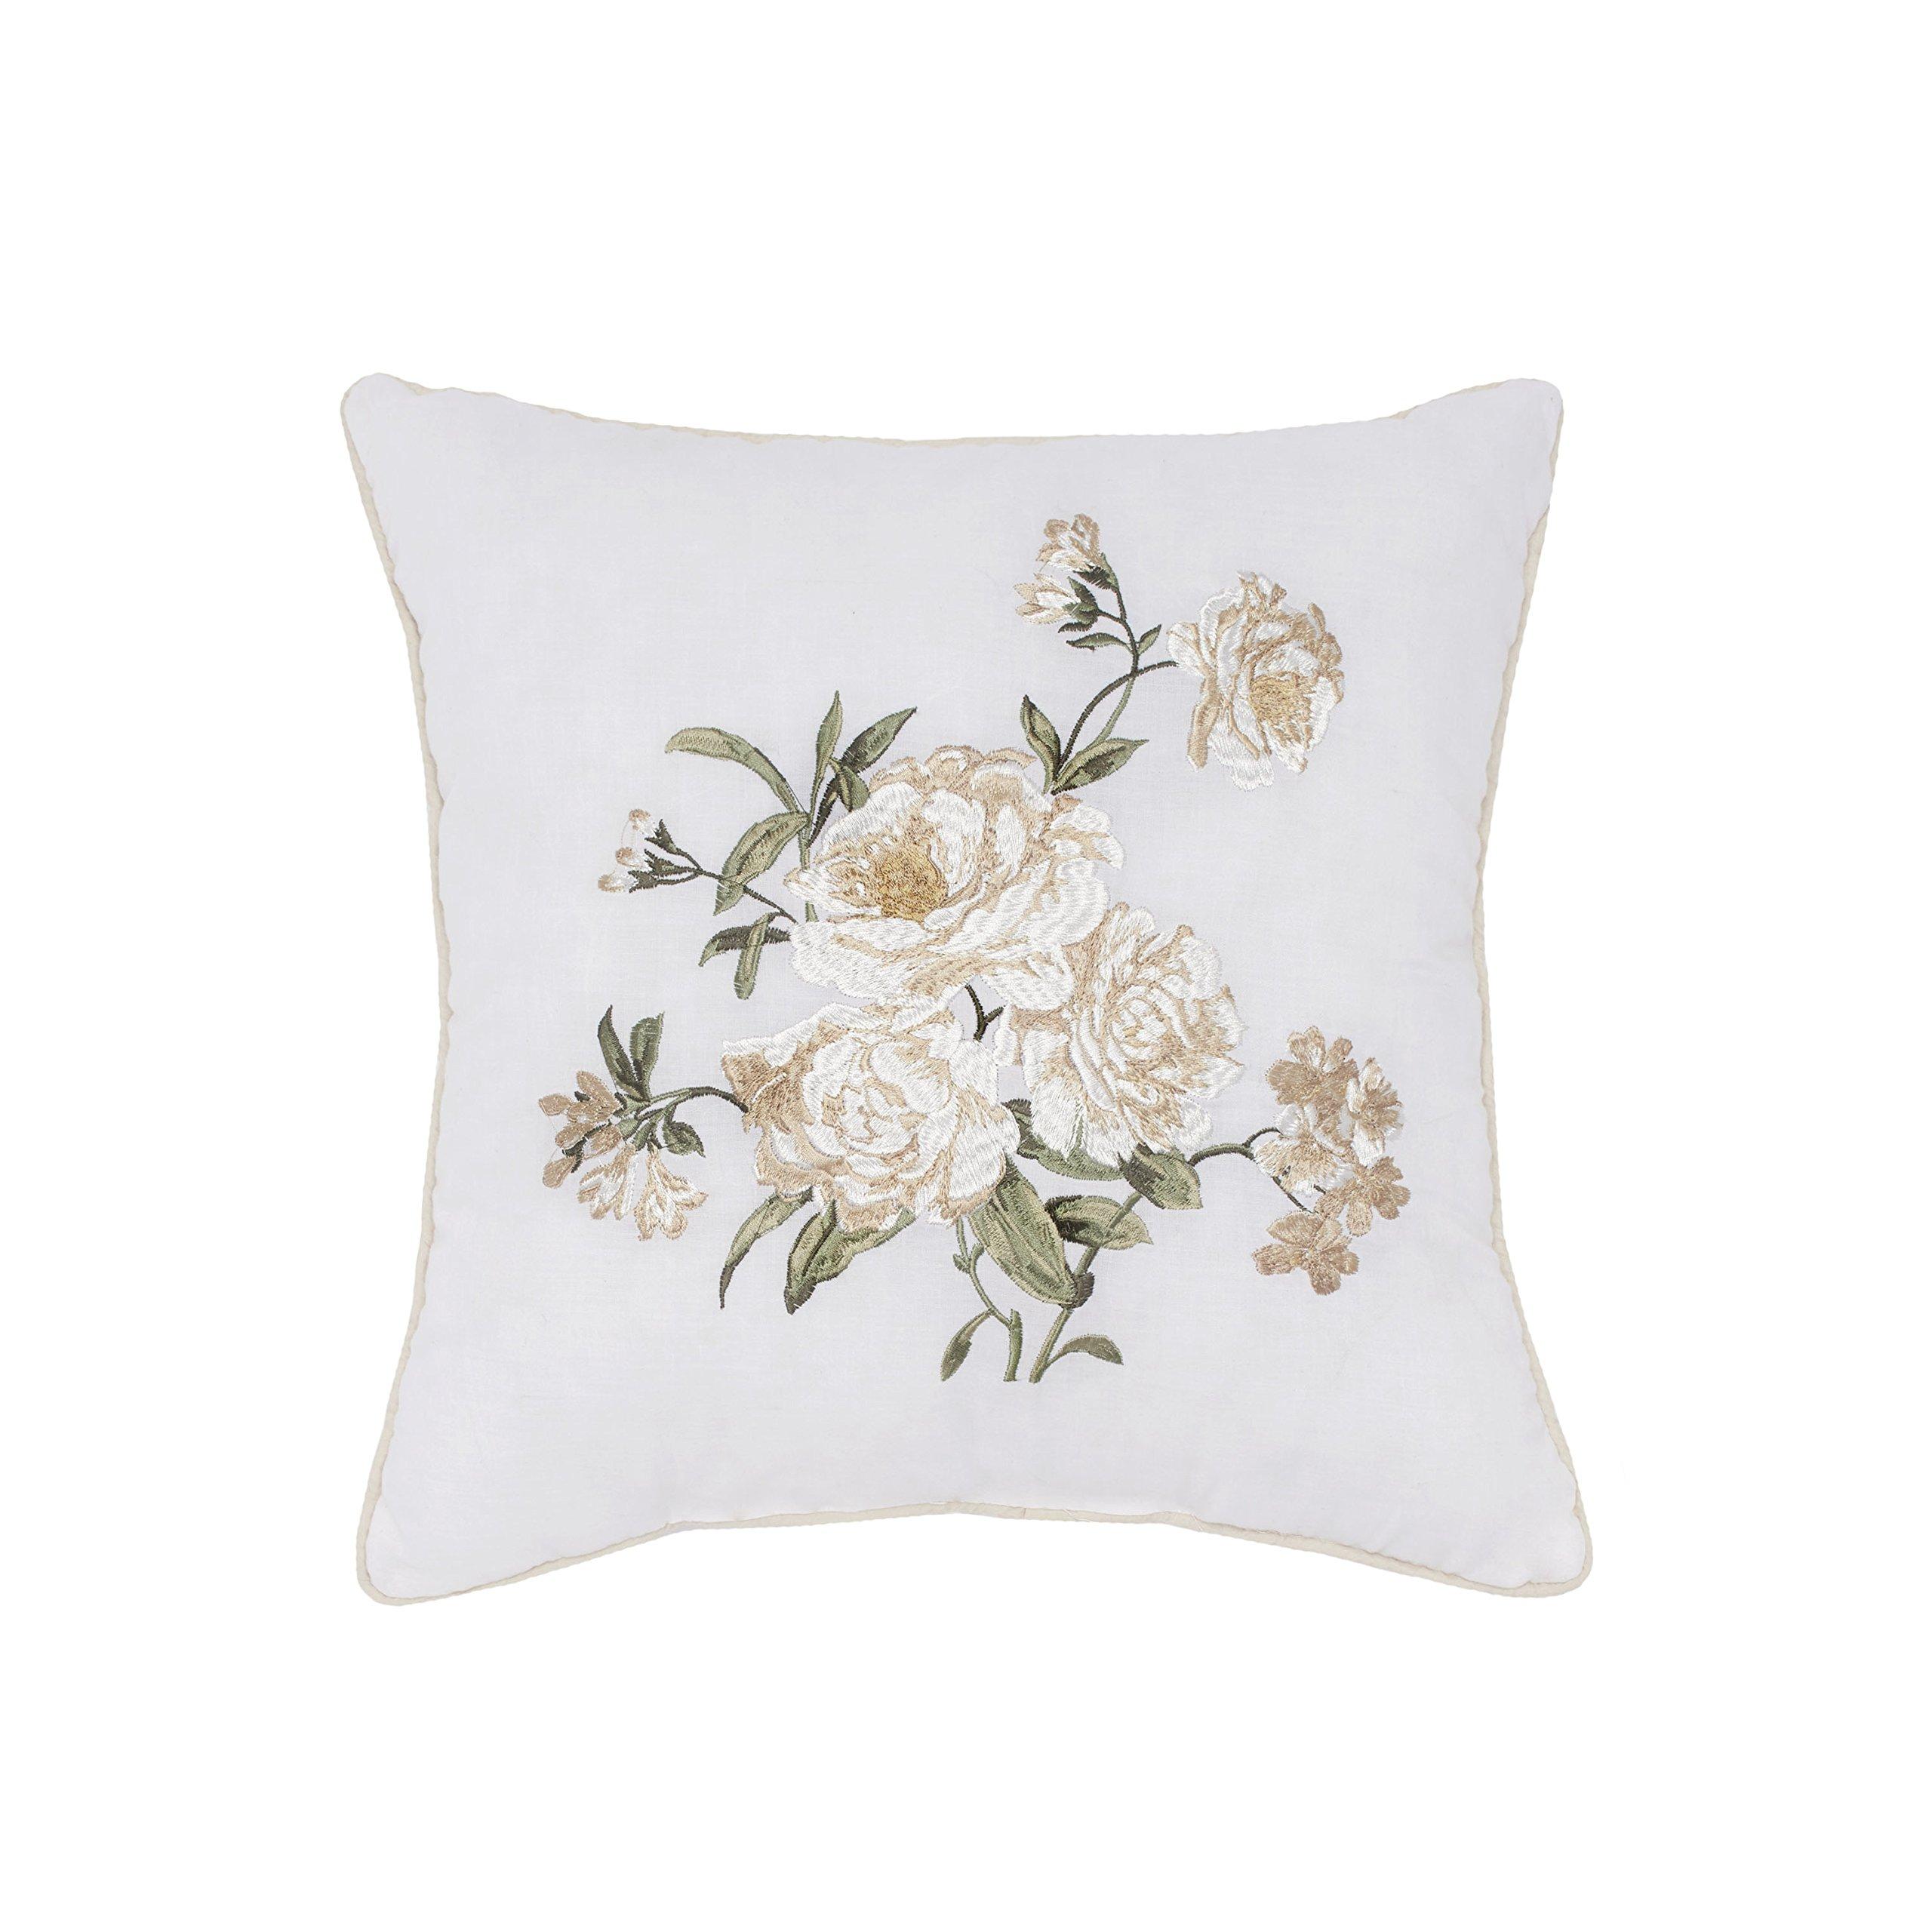 Nostalgia Home Juliette Embroidered Decorative Pillow, 16'' Square, White Floral